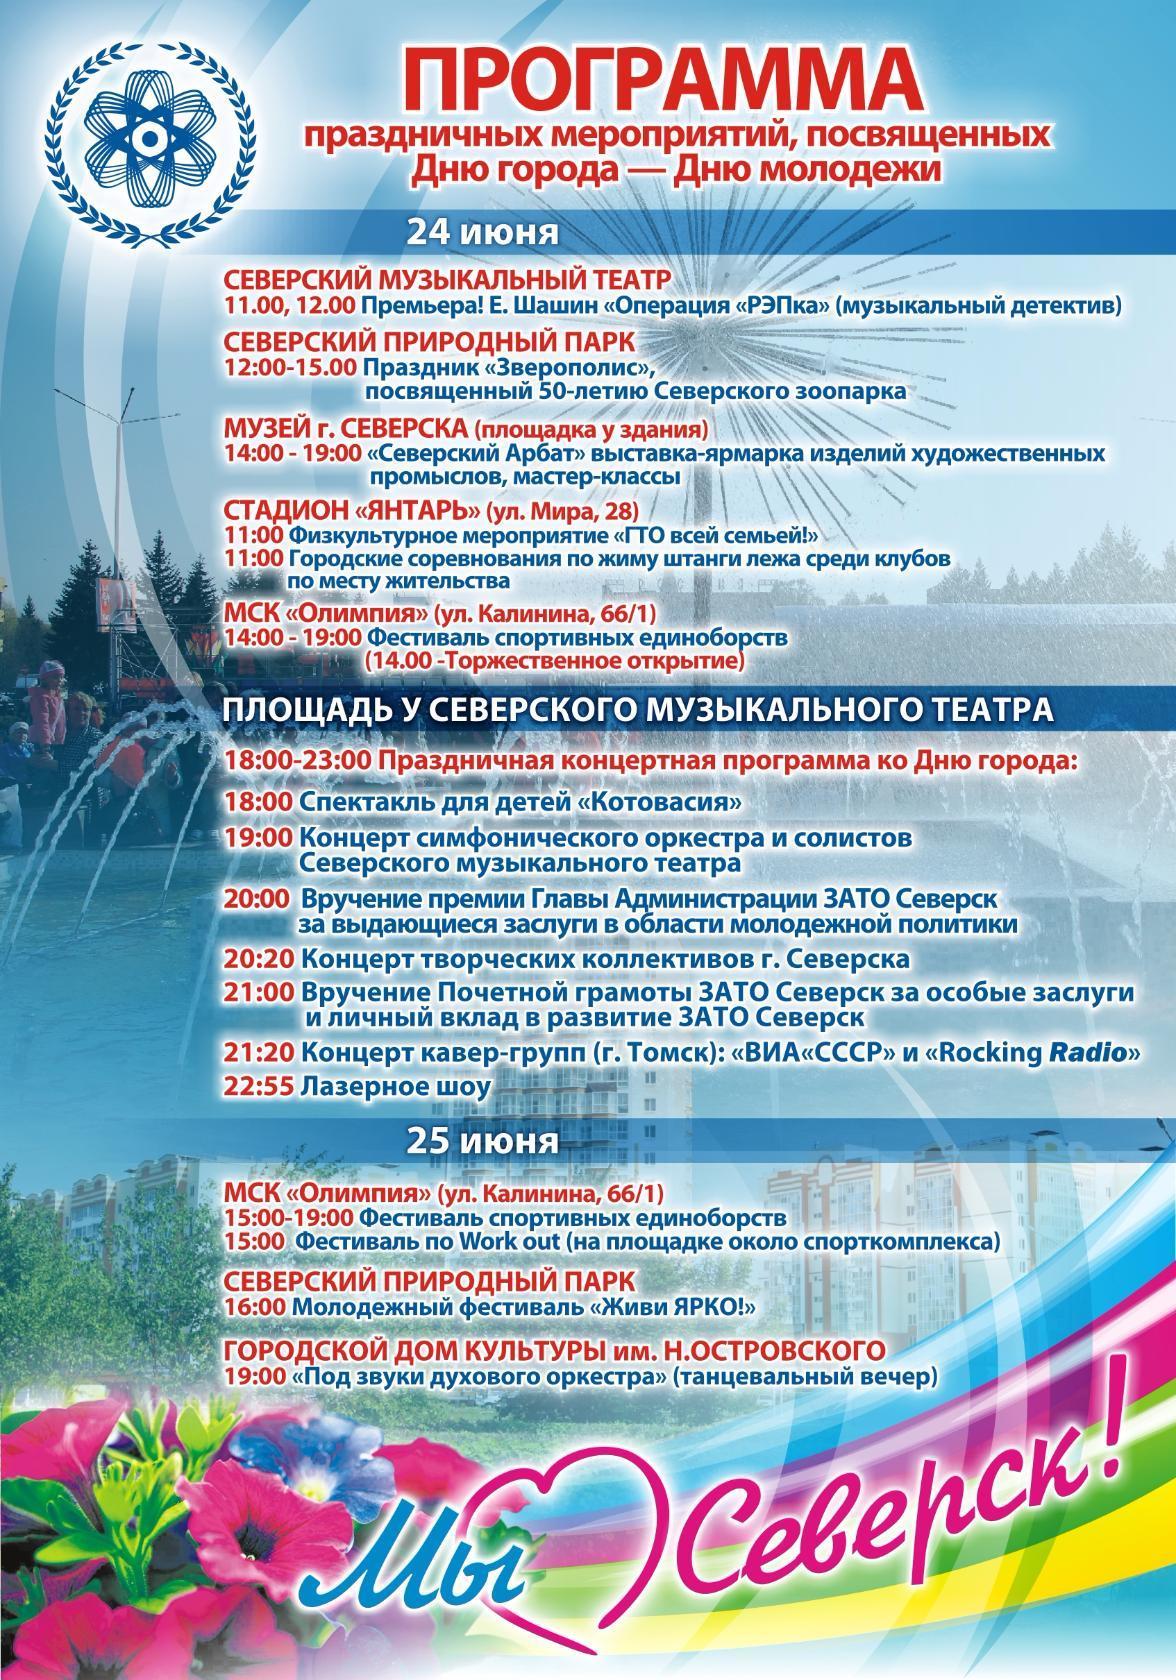 Программа праздничных мероприятий ко Дню города